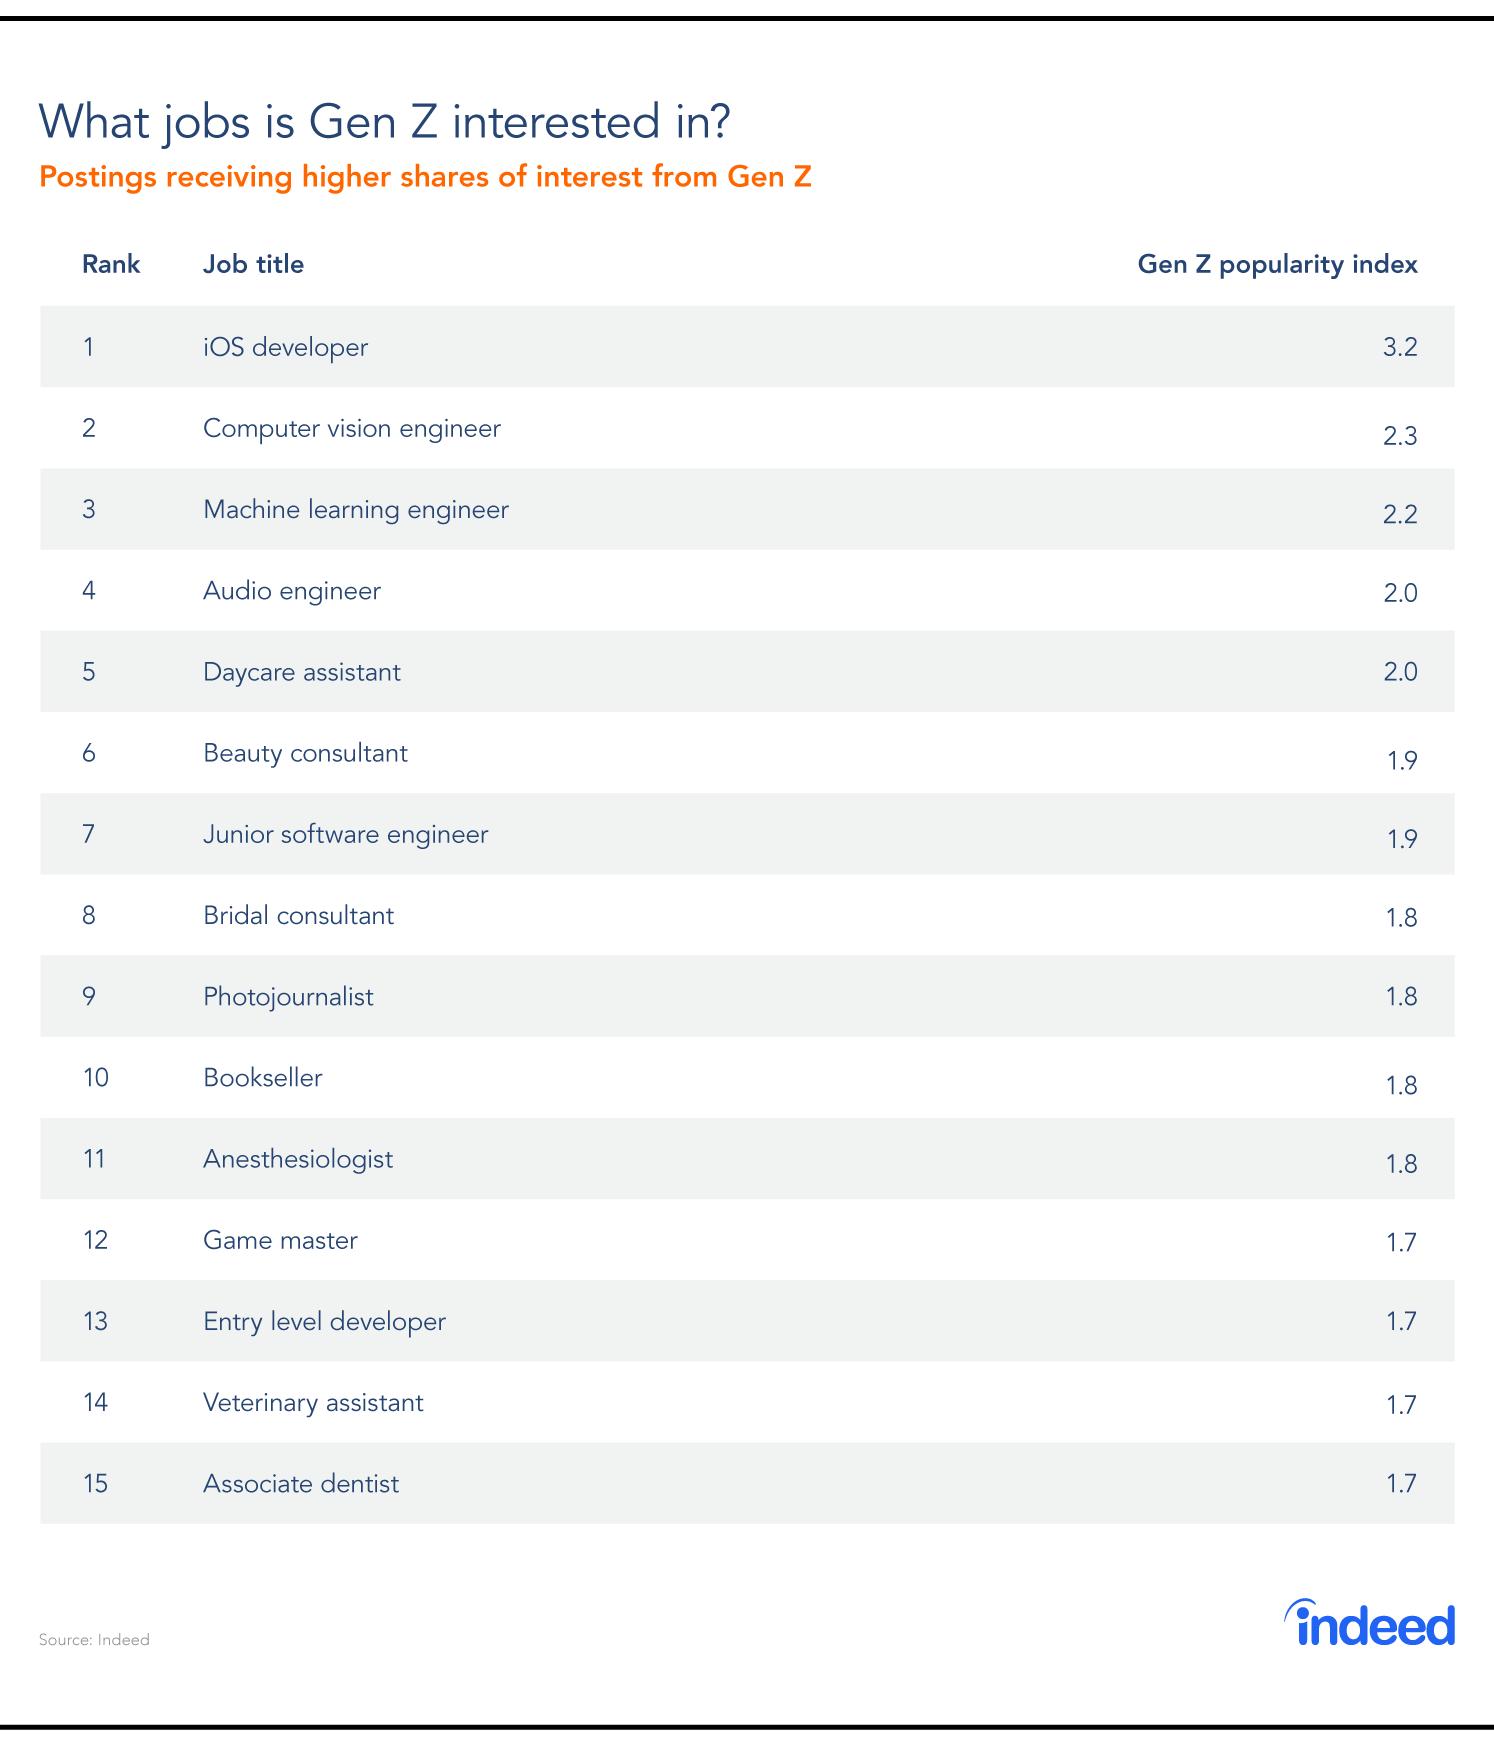 Most popular Gen Z jobs, as demonstrated by interest from Gen Z.